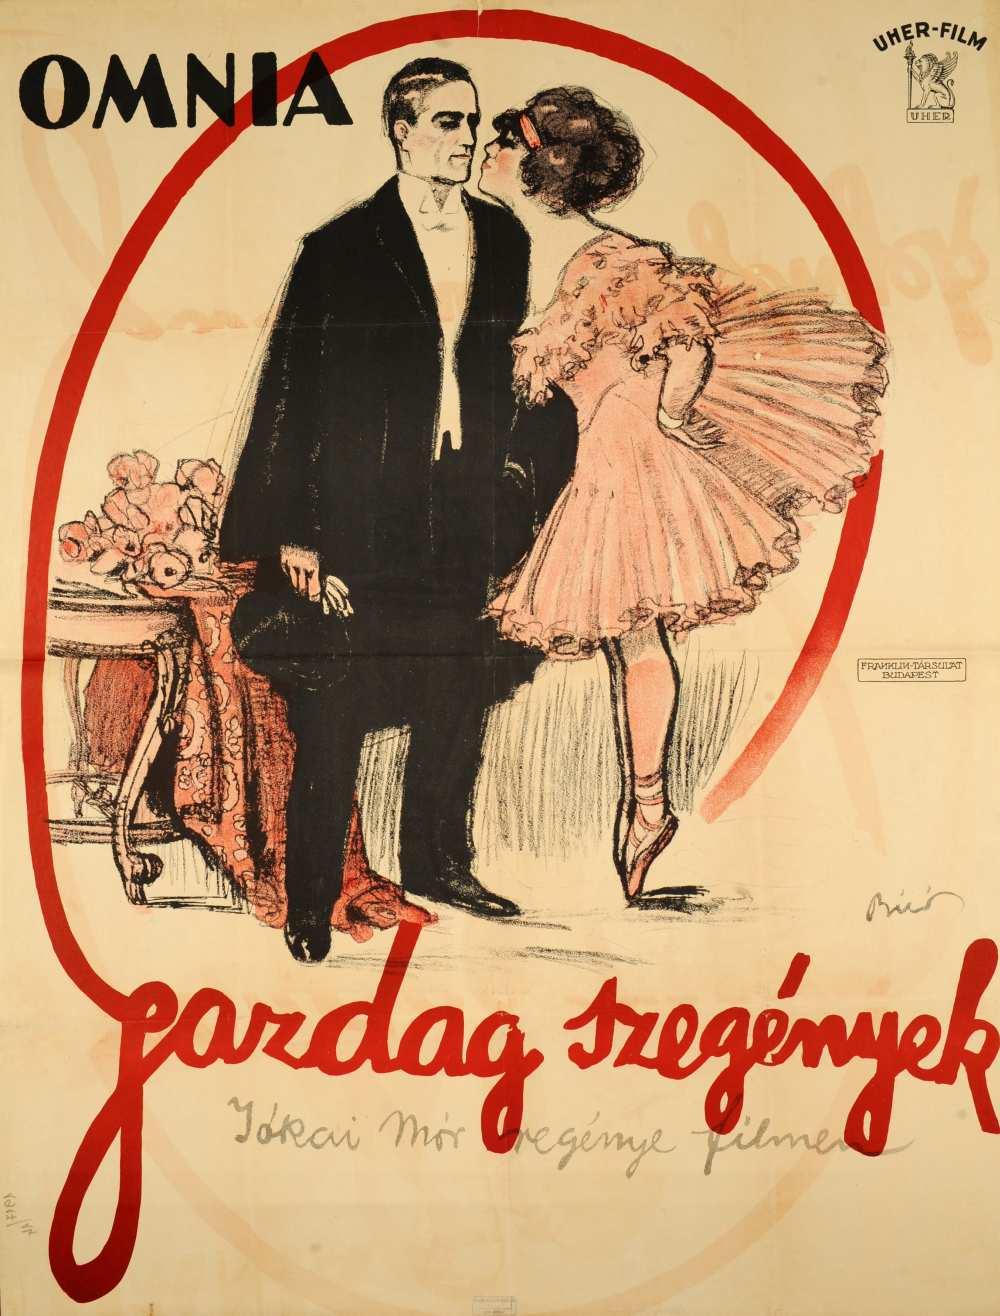 Gazdag szegények. Filmplakát, 1917. – Térkép-, Plakát-és Kisnyomtatványtár, Jelzet: Pkg 1917/14.